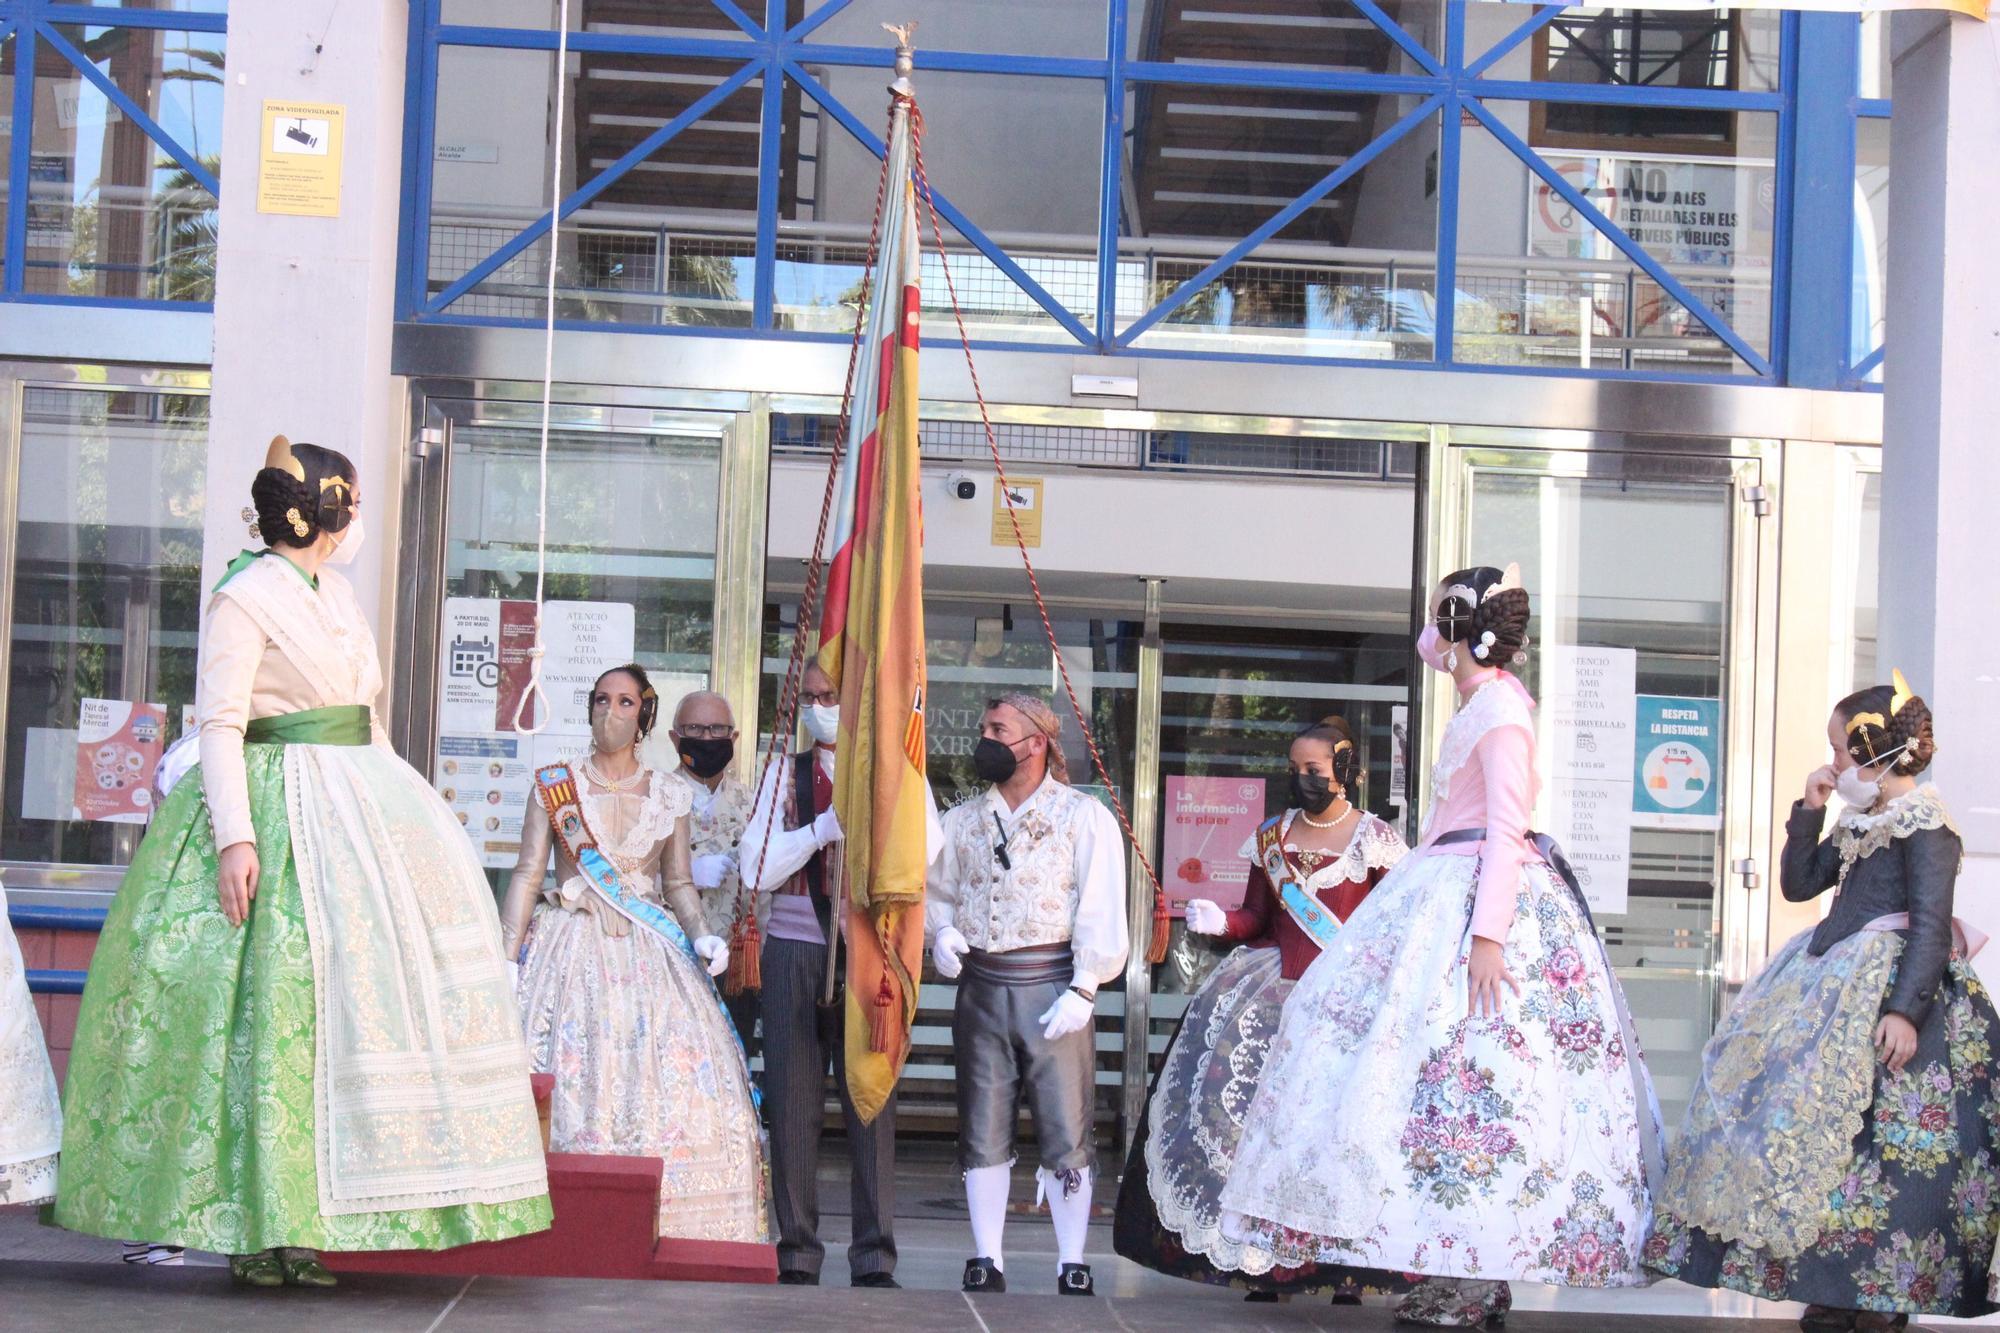 Carmen, Nerea y las cortes acompañan a las fallas de Quart y Xirivella en la procesión de la Senyera